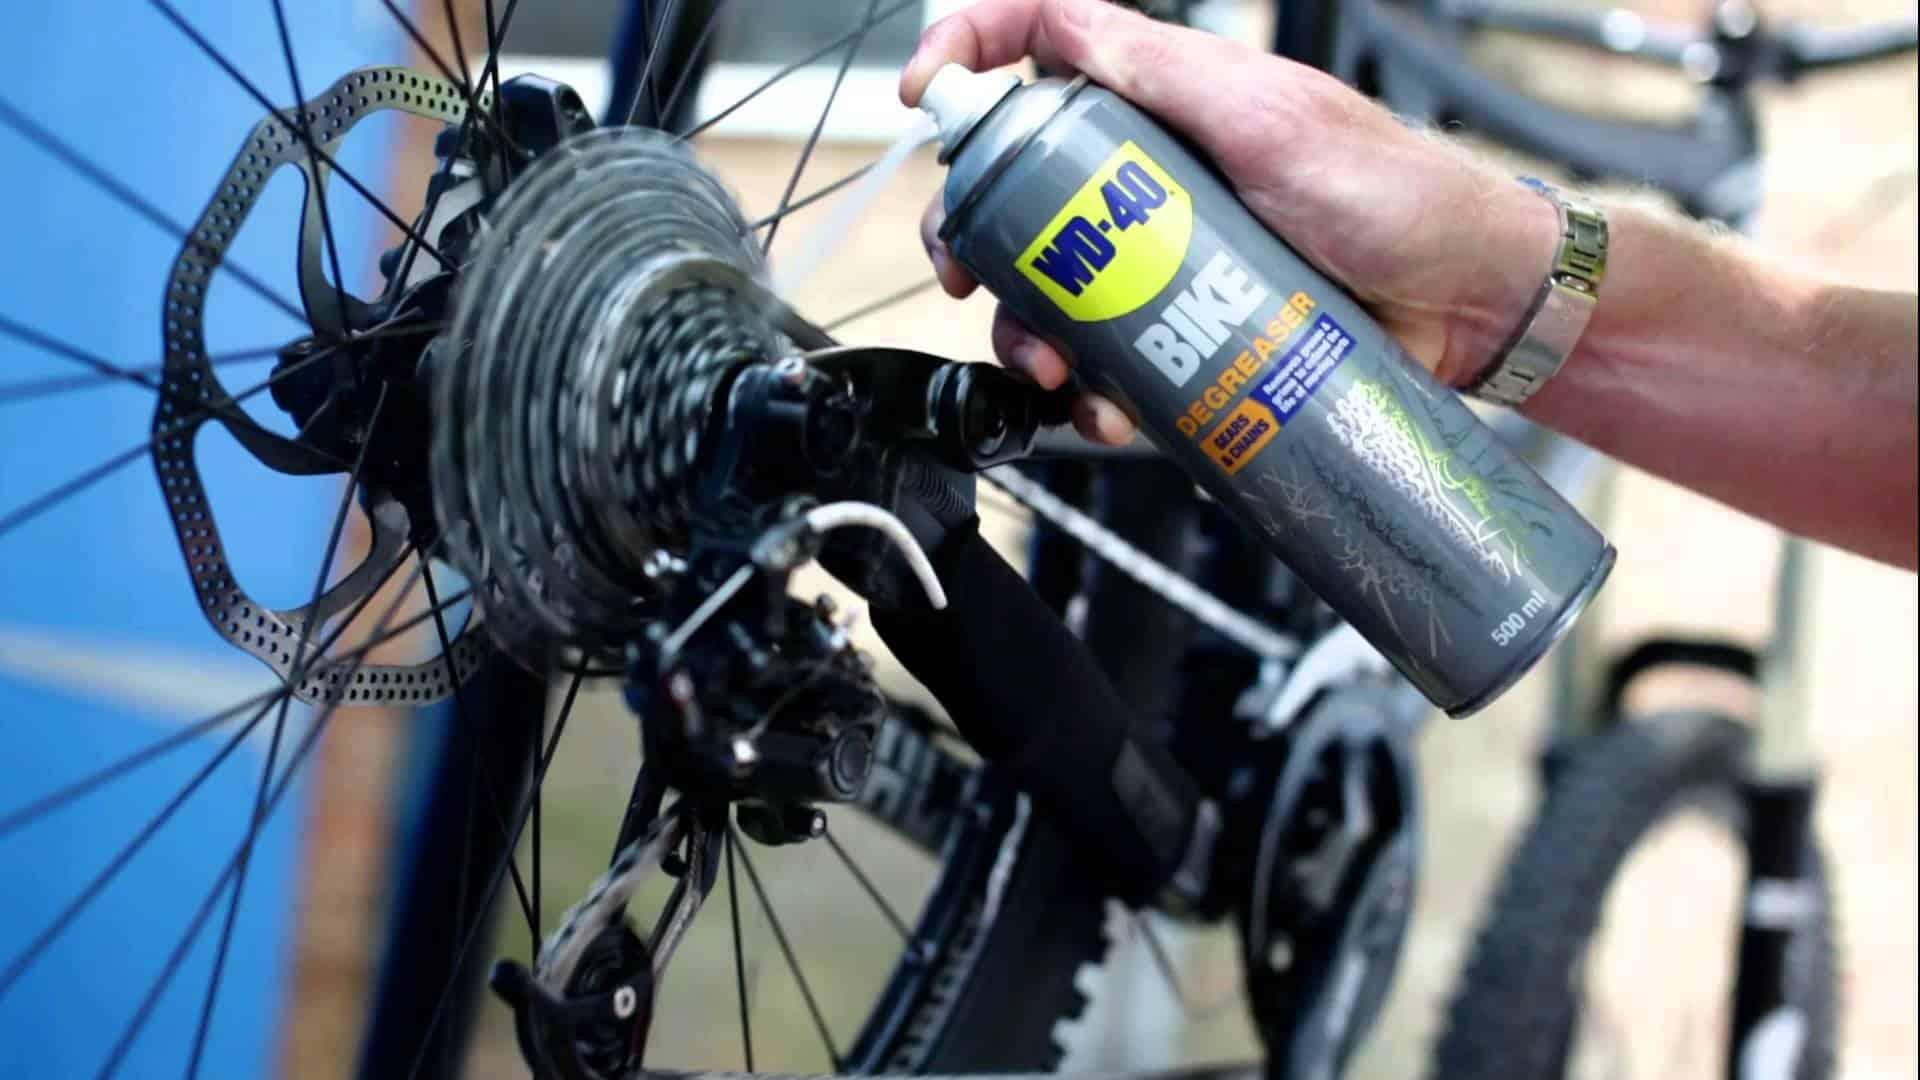 WD-40-BIKE-Kettenreiniger-Kette-reinigen-Mountainbike